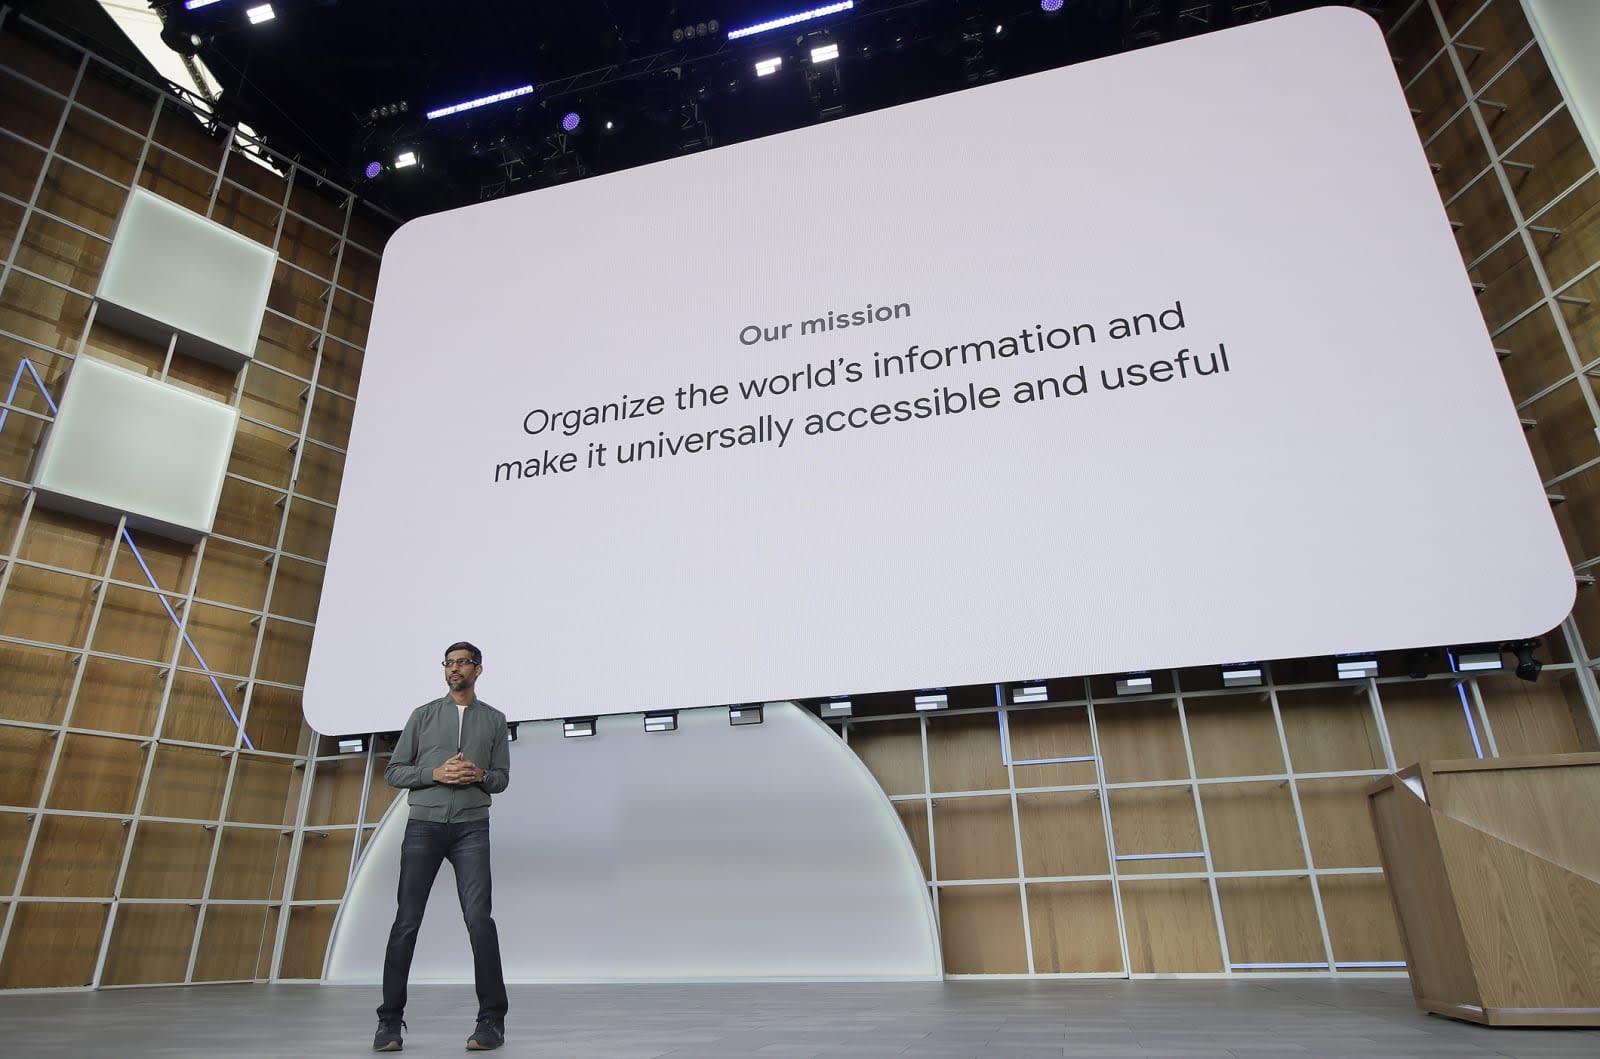 Google I/O 2020 starts May 12th